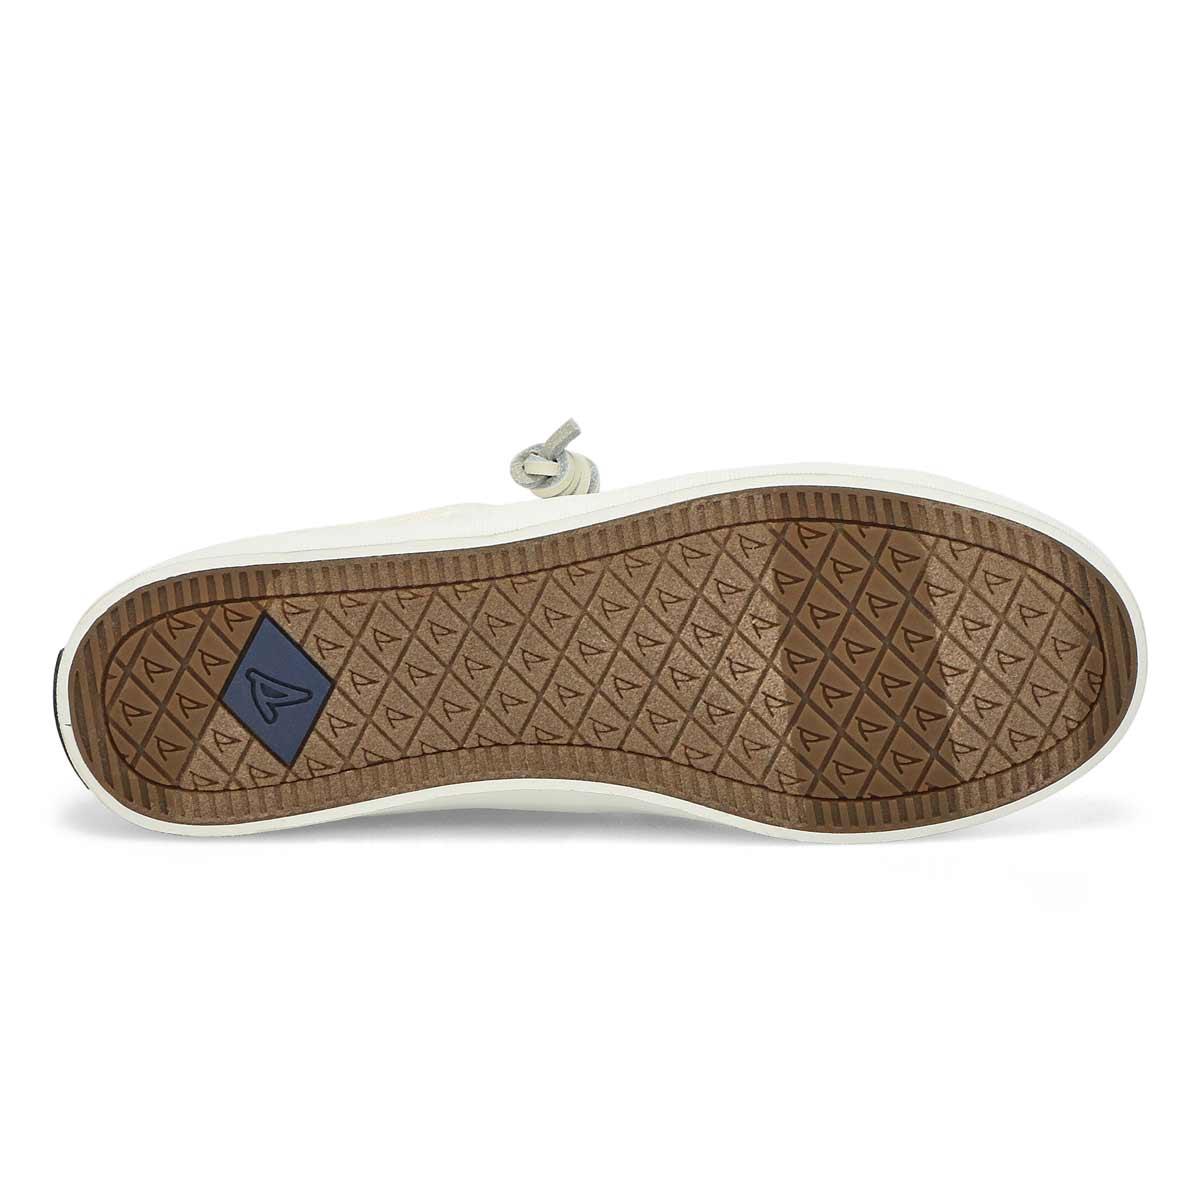 Lds Crest Vibe Linen wht fashion sneaker